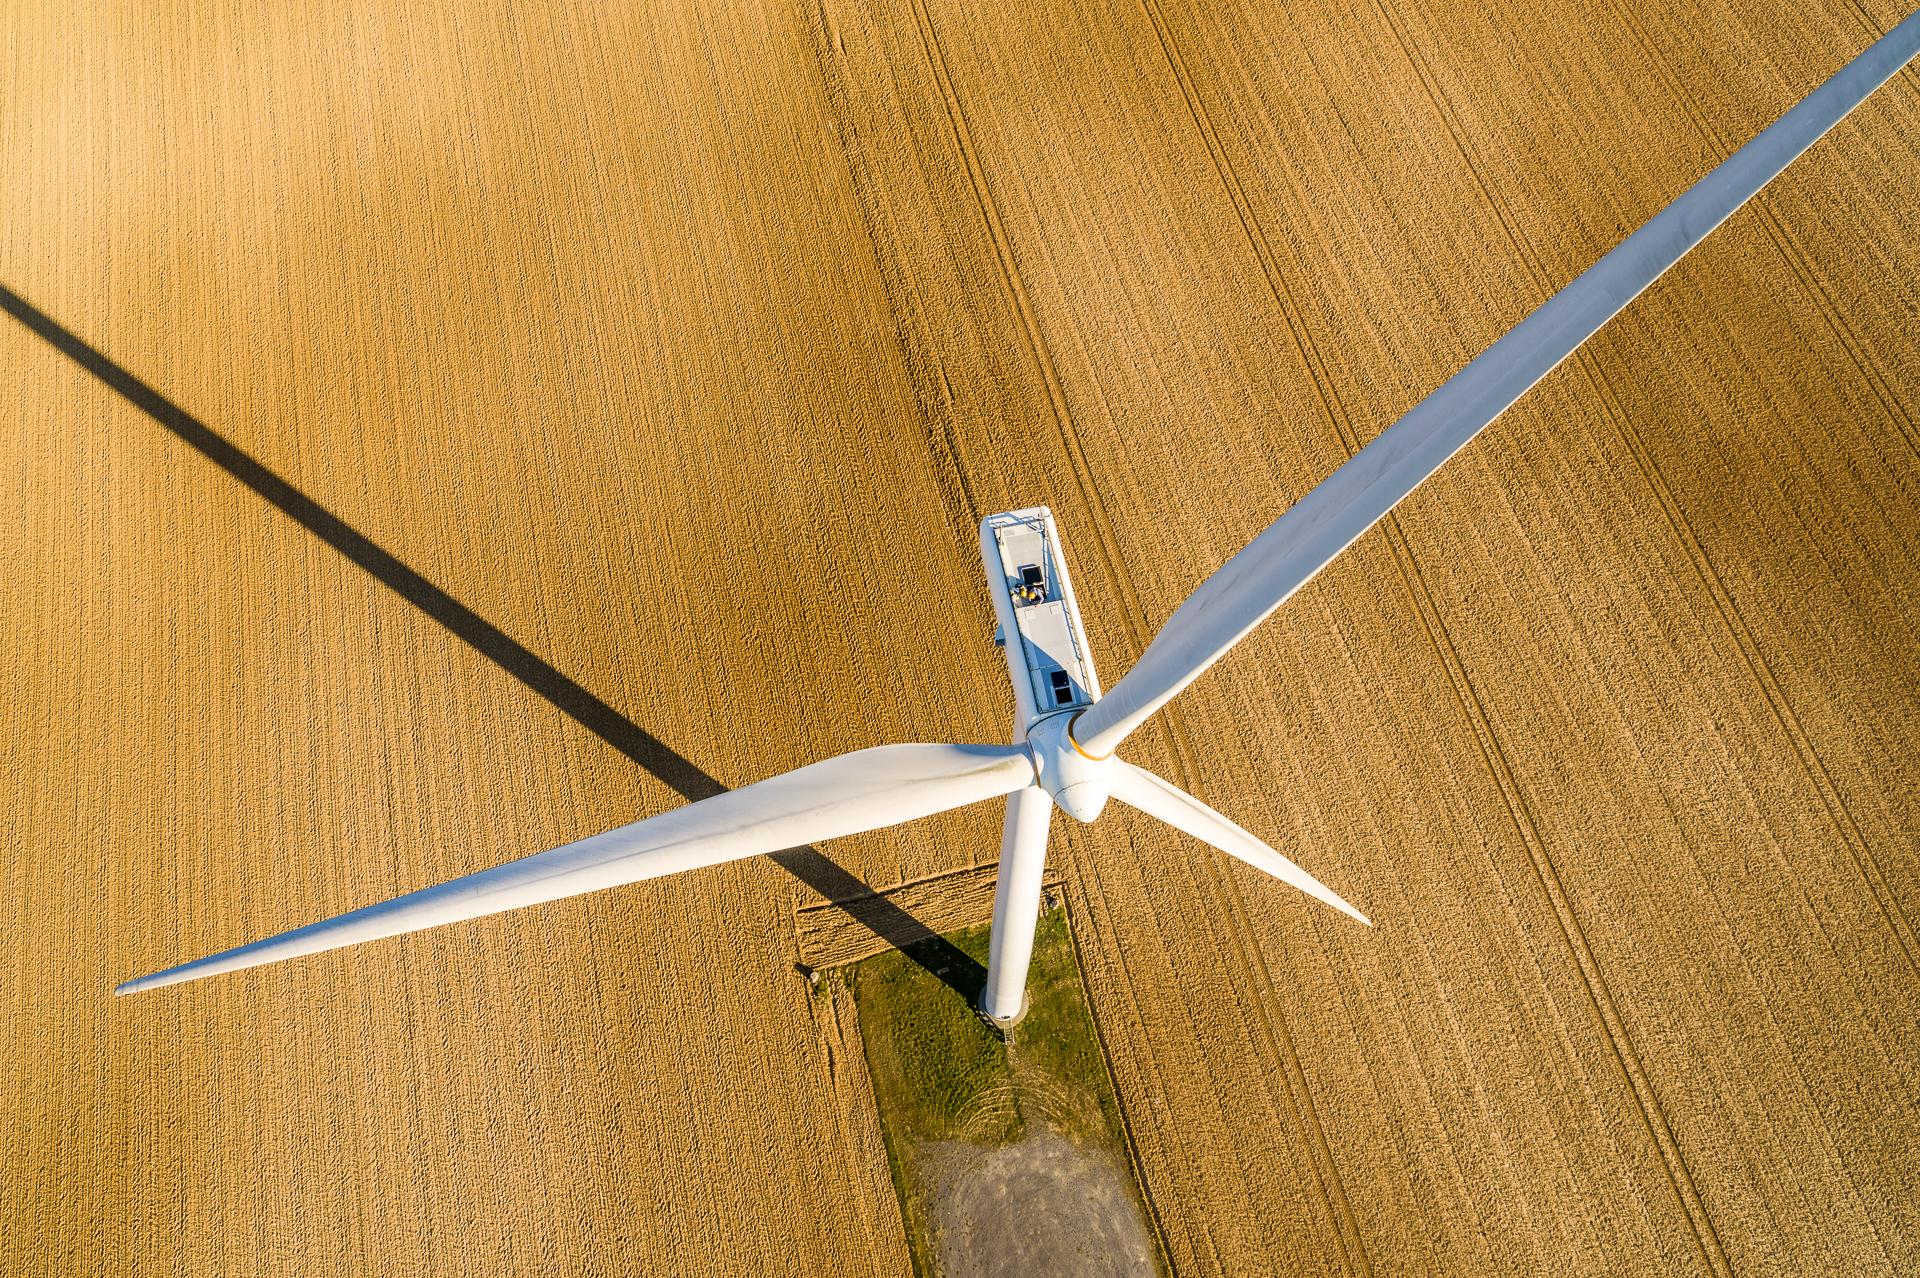 Kallista_Energy_Picardie_Omissy-0647©Stephane_Leroy.jpg